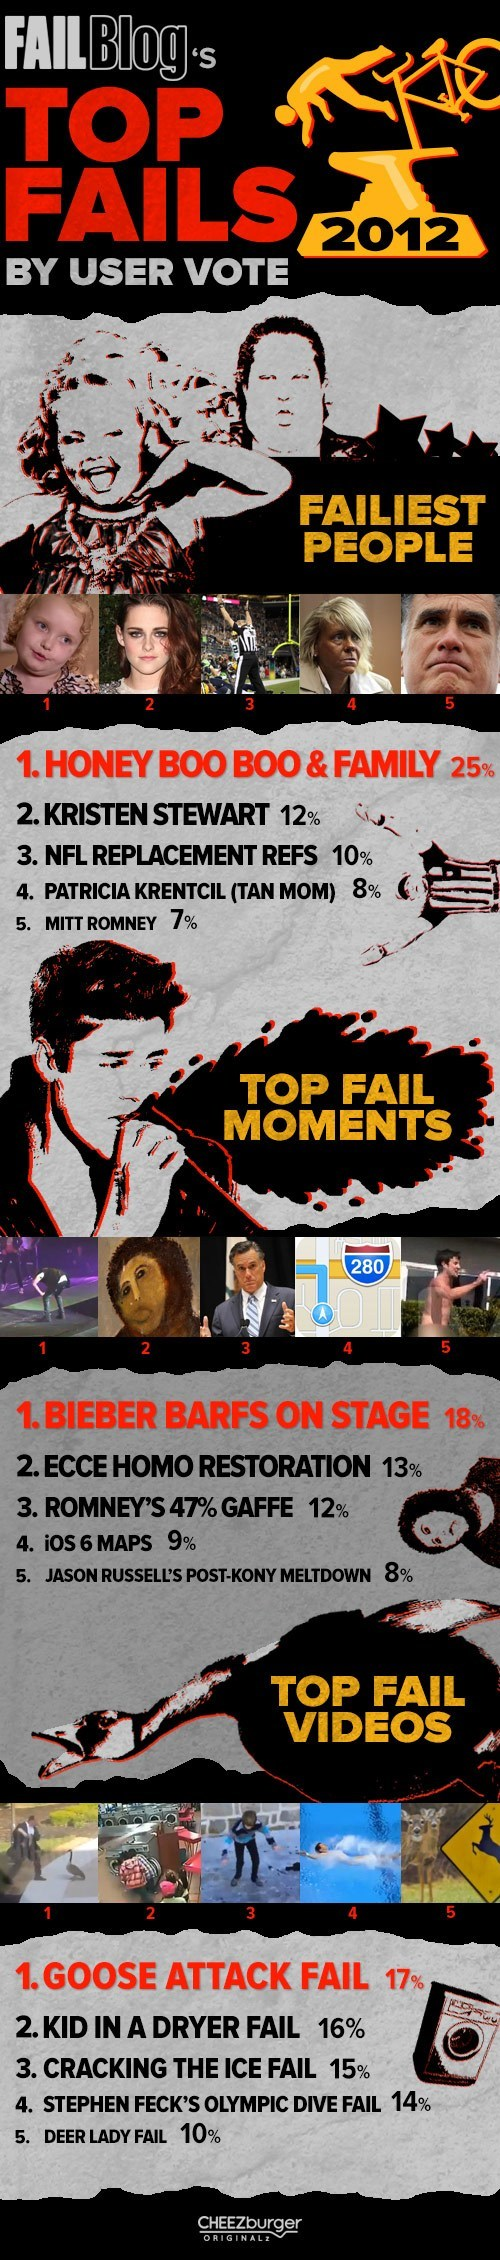 Top FAILs 2012 - 6843276800